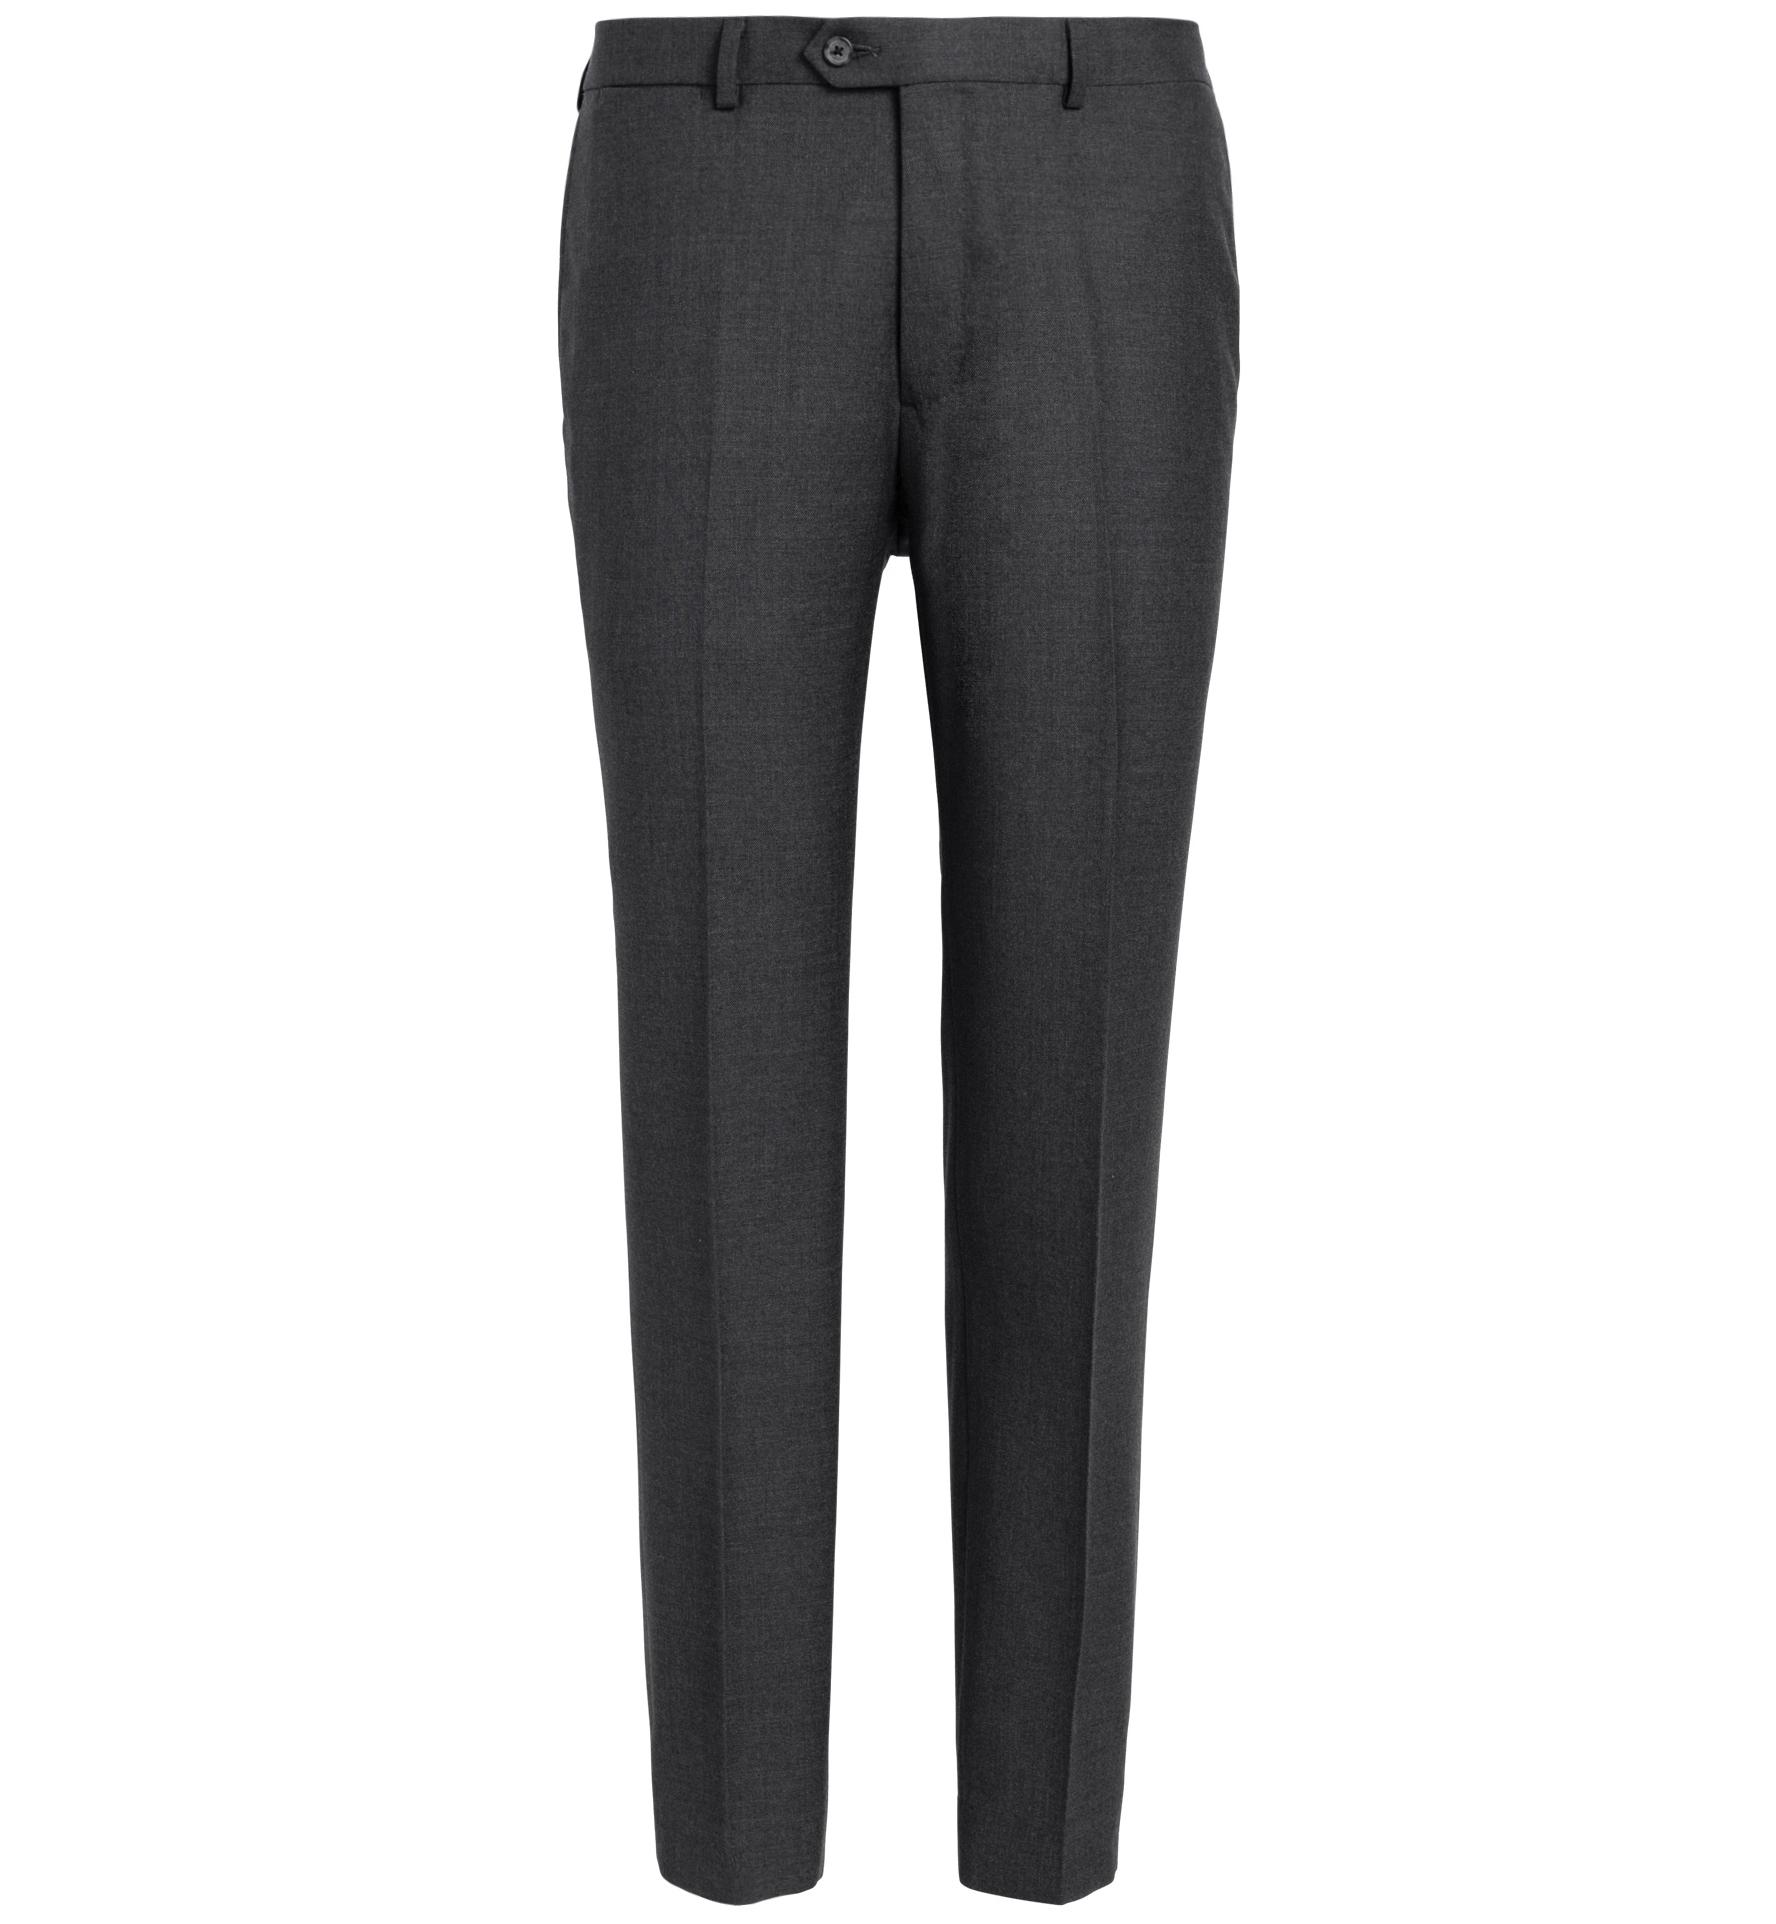 Zoom Image of Allen Charcoal Comfort Fresco Trouser